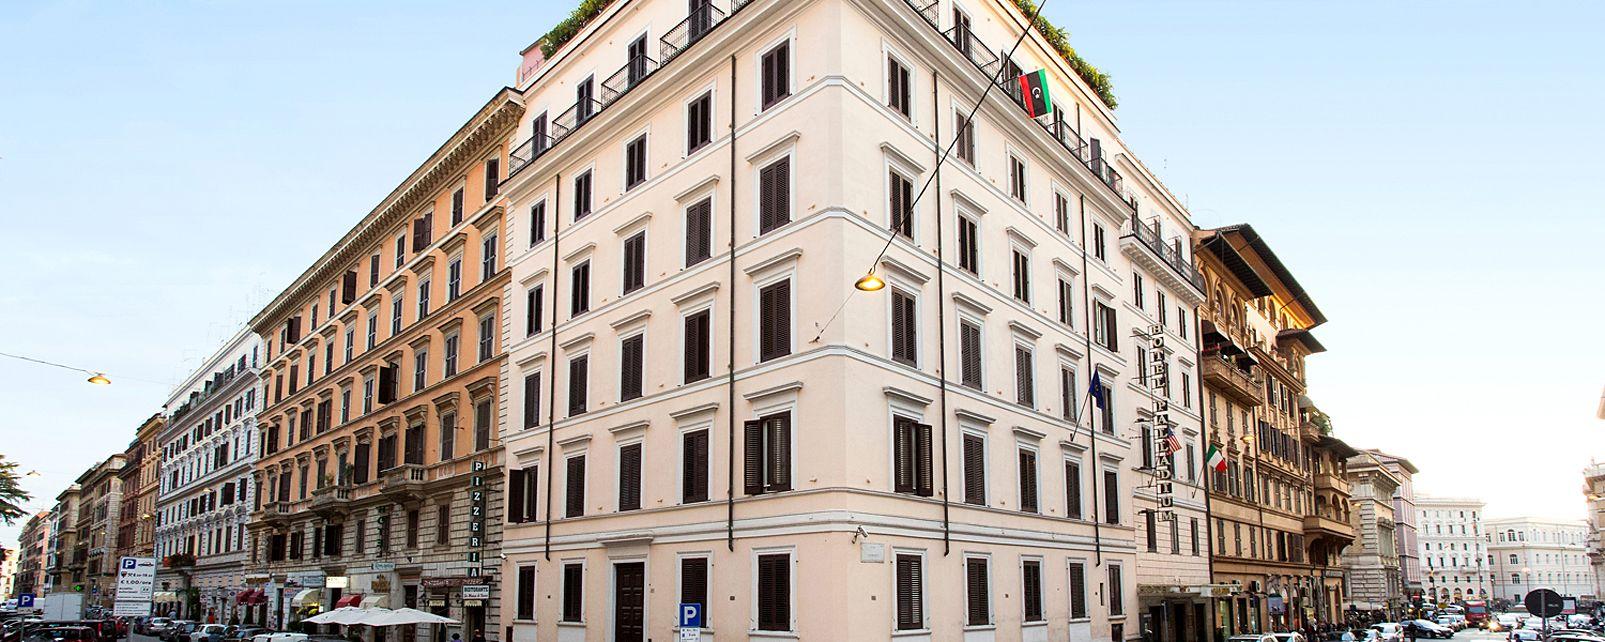 Hôtel Palladium Palace Rome